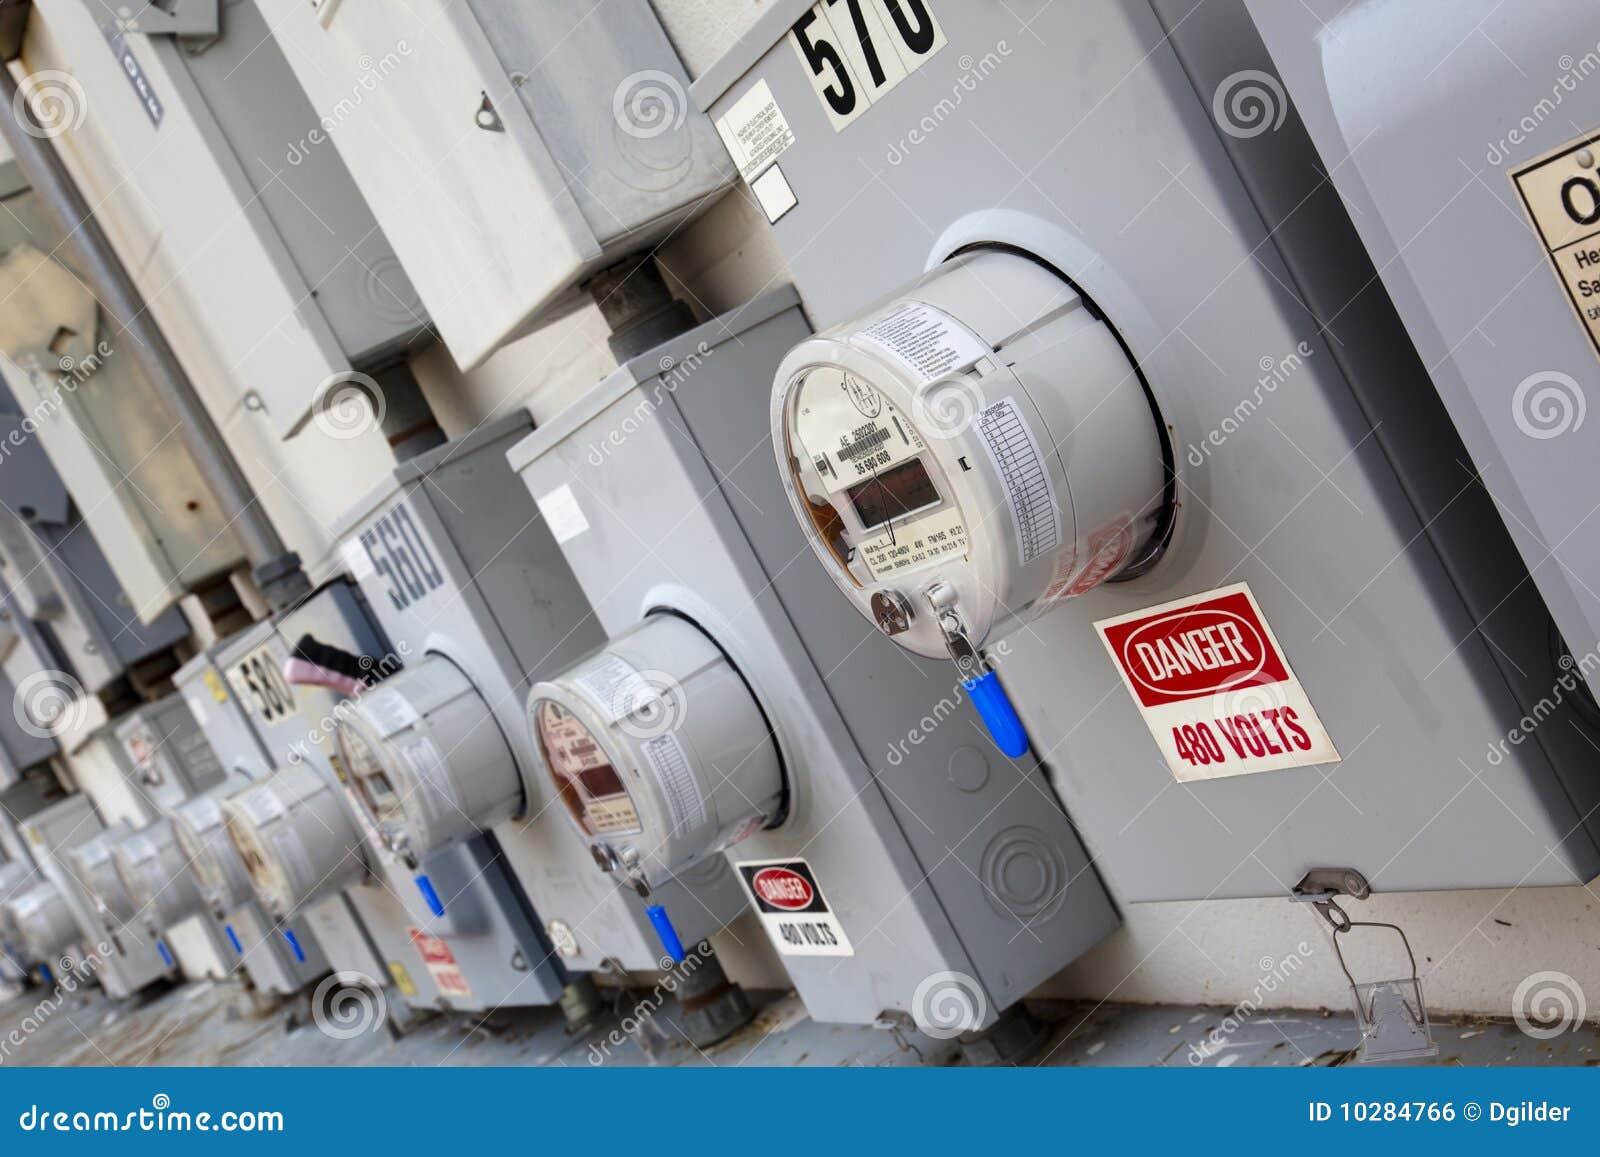 Industrial Energy Meters : Industrial power meters royalty free stock image